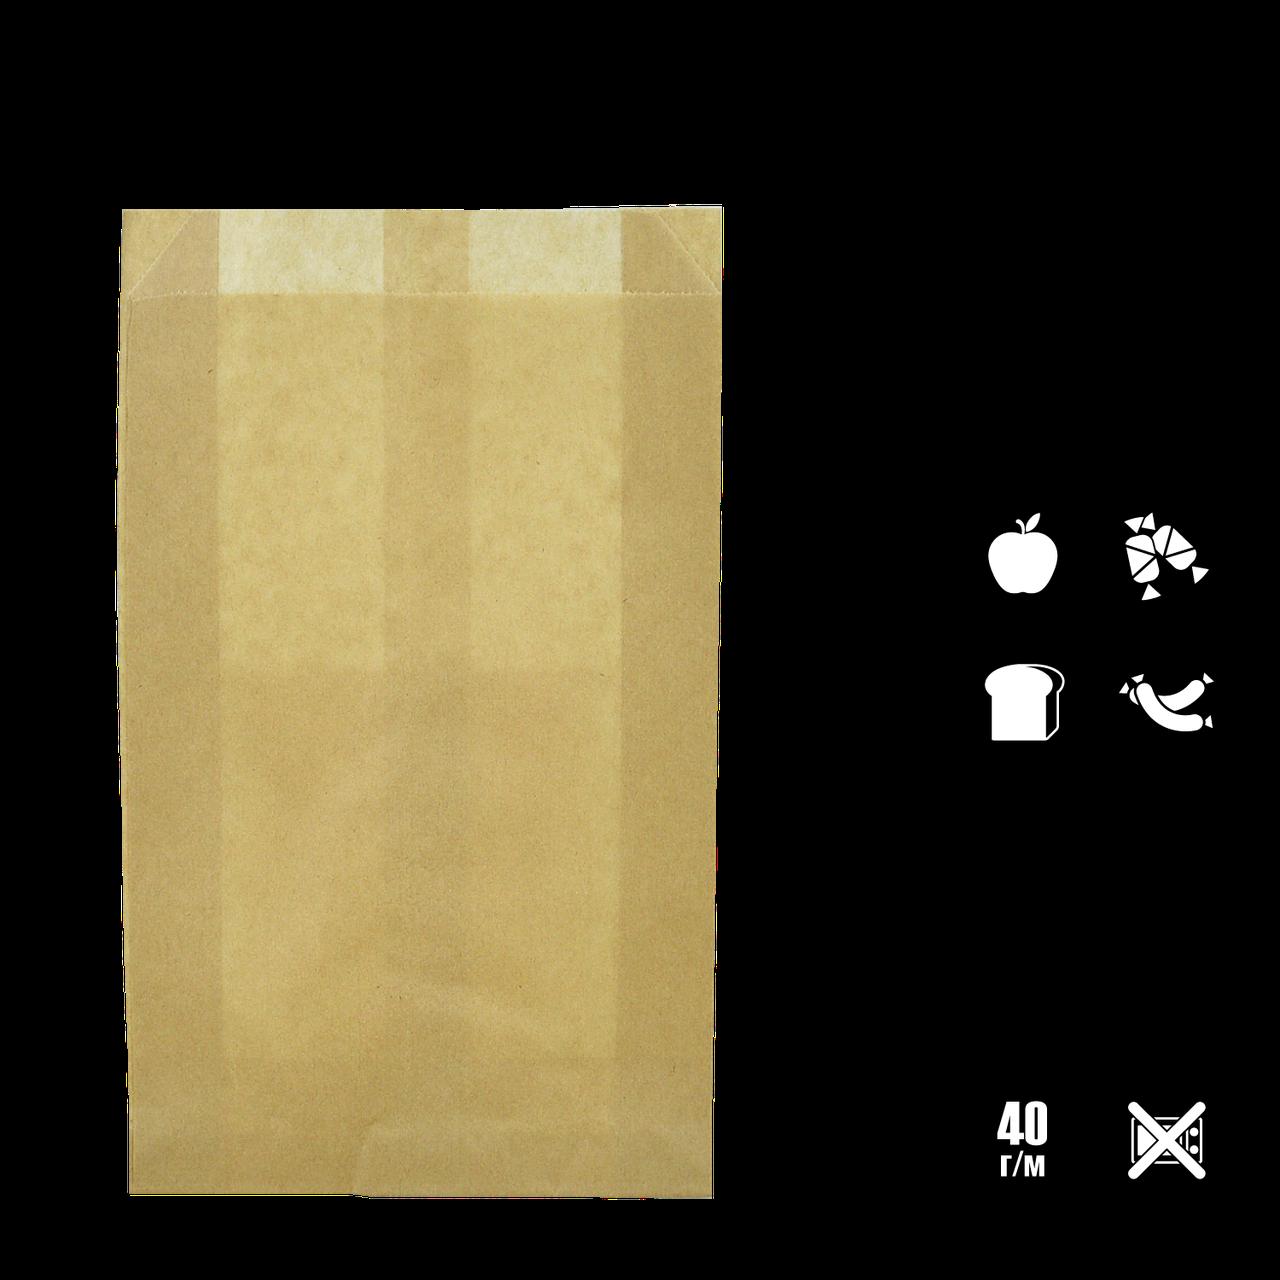 Бумажный Пакет Крафт 370х220х60мм (ВхШхГ) 40г/м² 100шт (260)